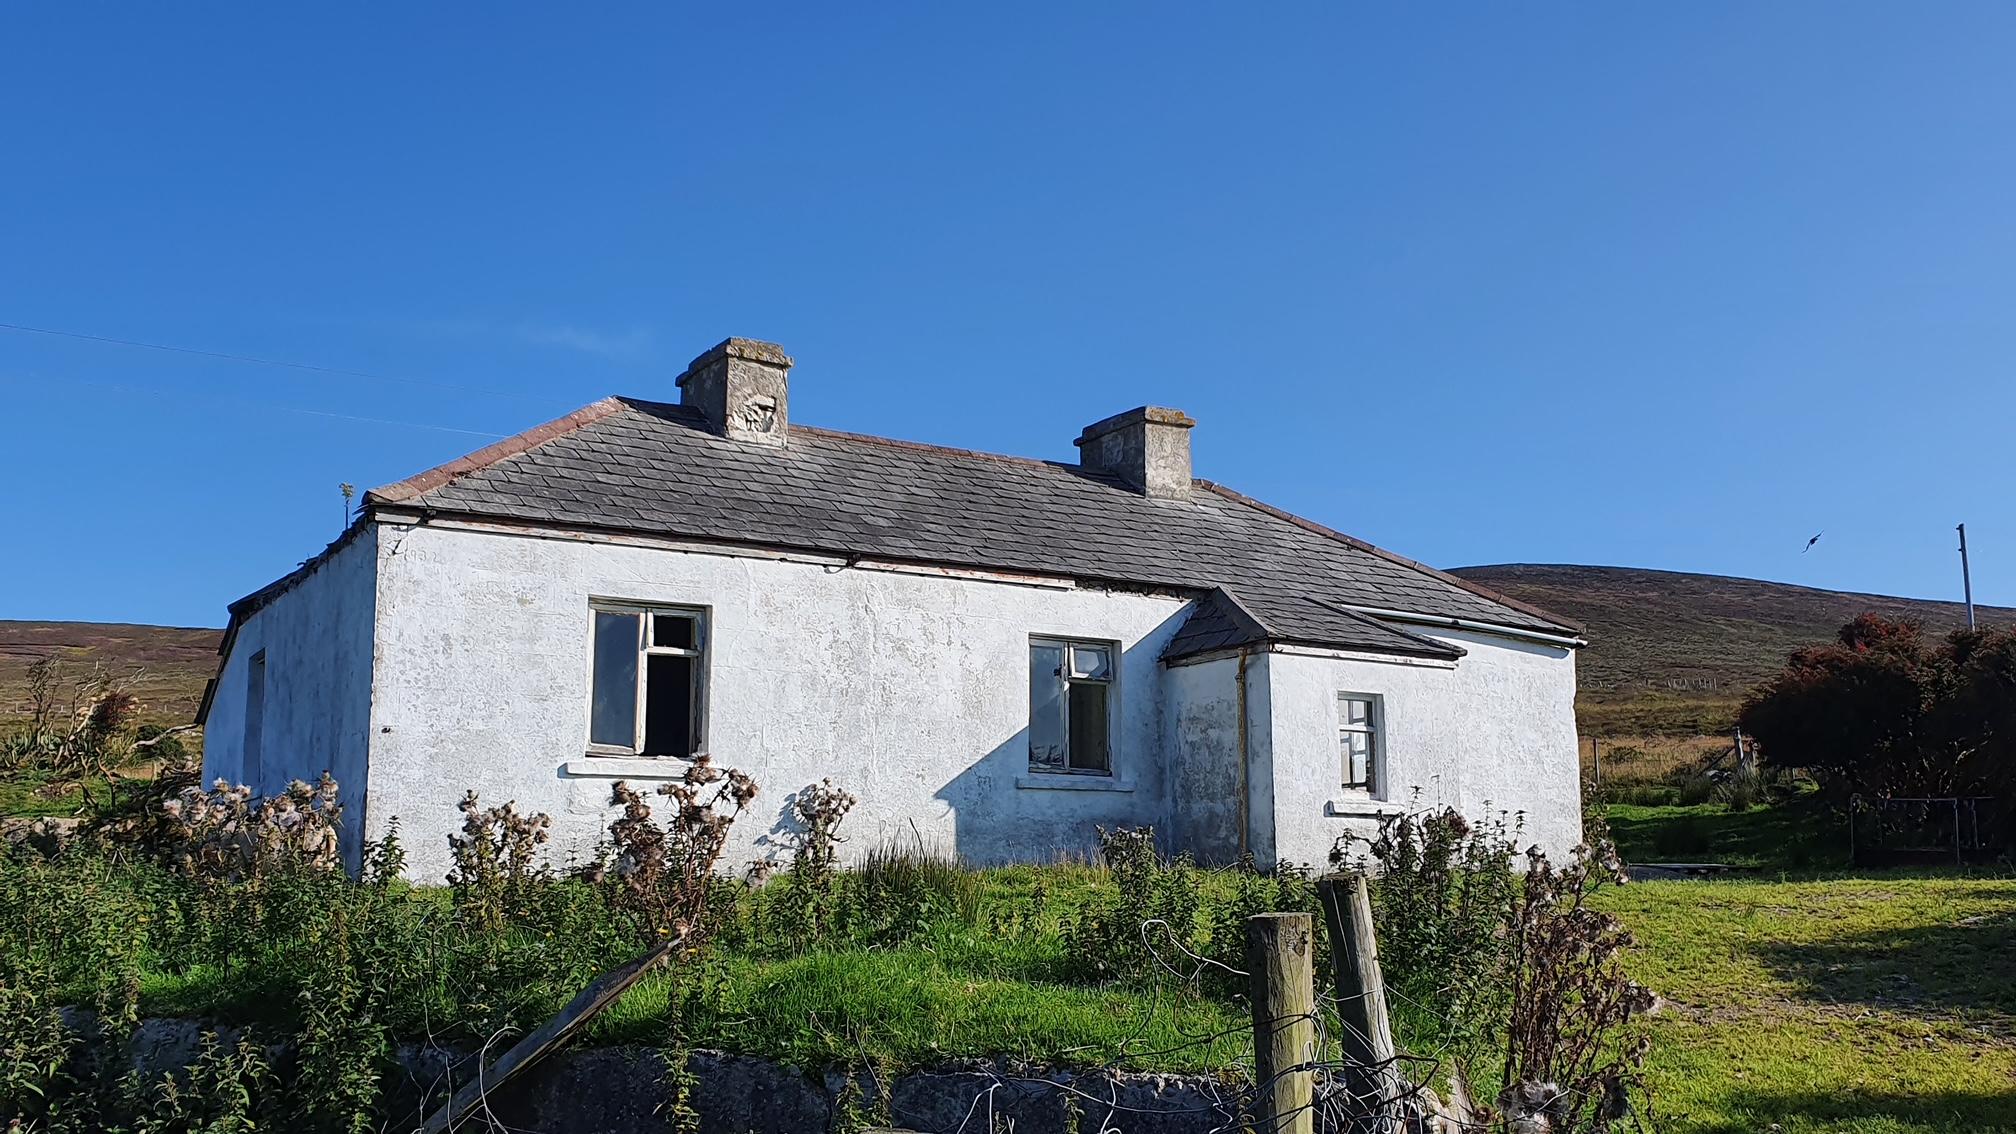 Chapel Road, Brinlack, Co. Donegal.